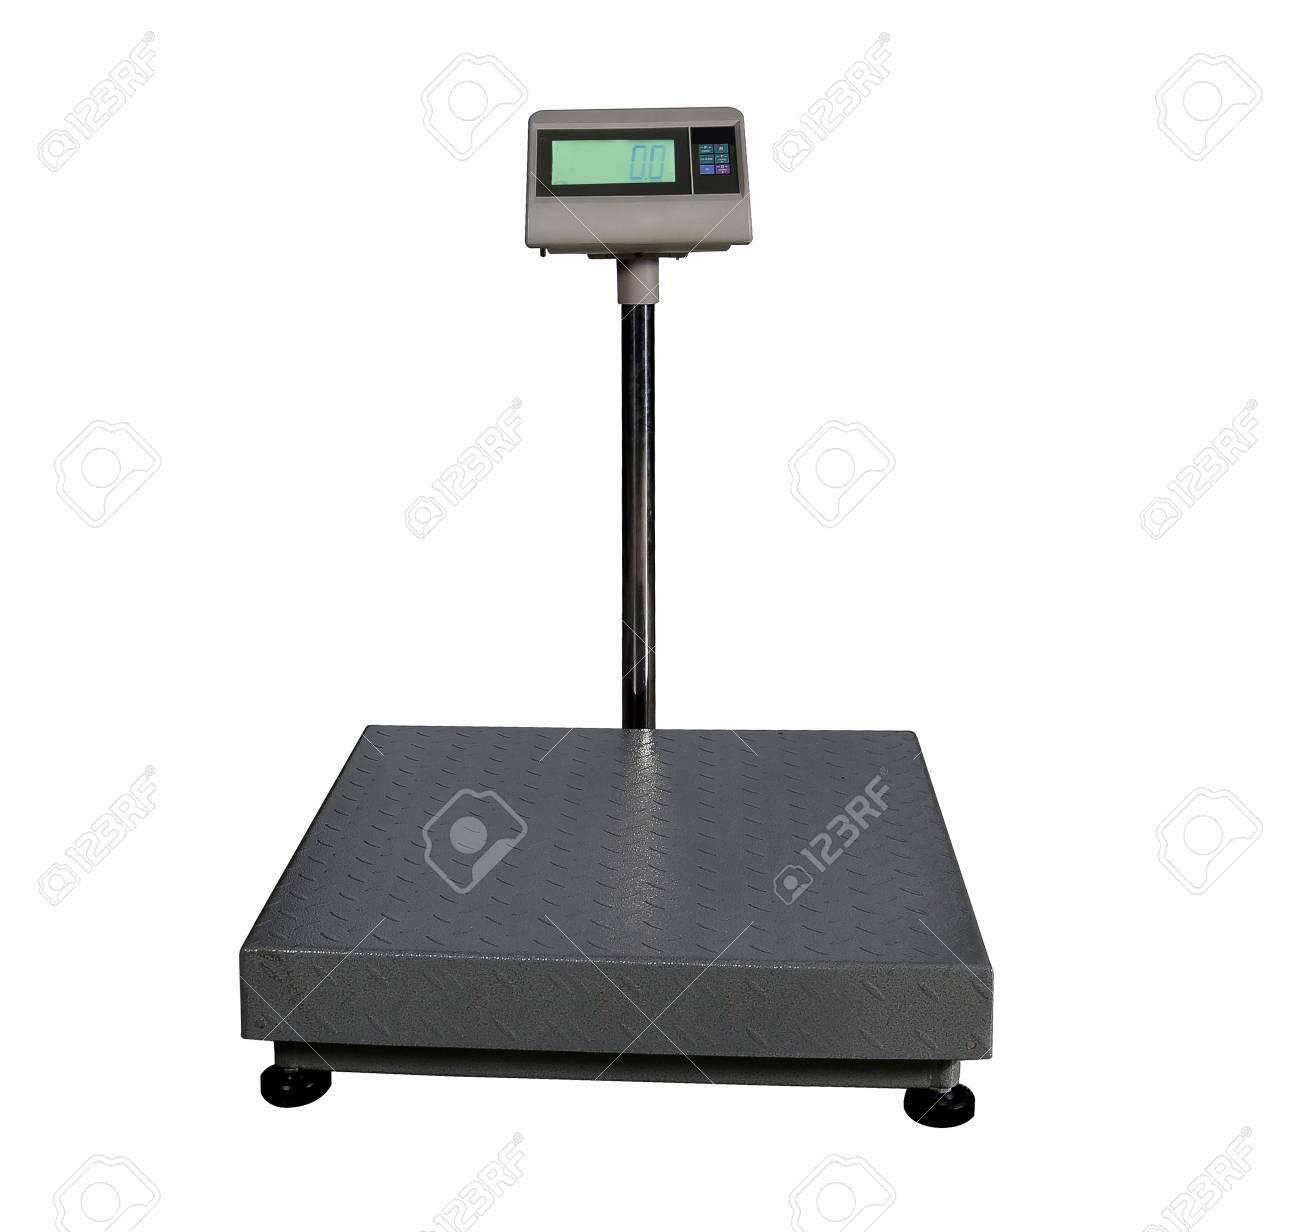 balances pour peser des objets lourds et des marchandises isole sur fond blanc banque d images et photos libres de droits image 87699981